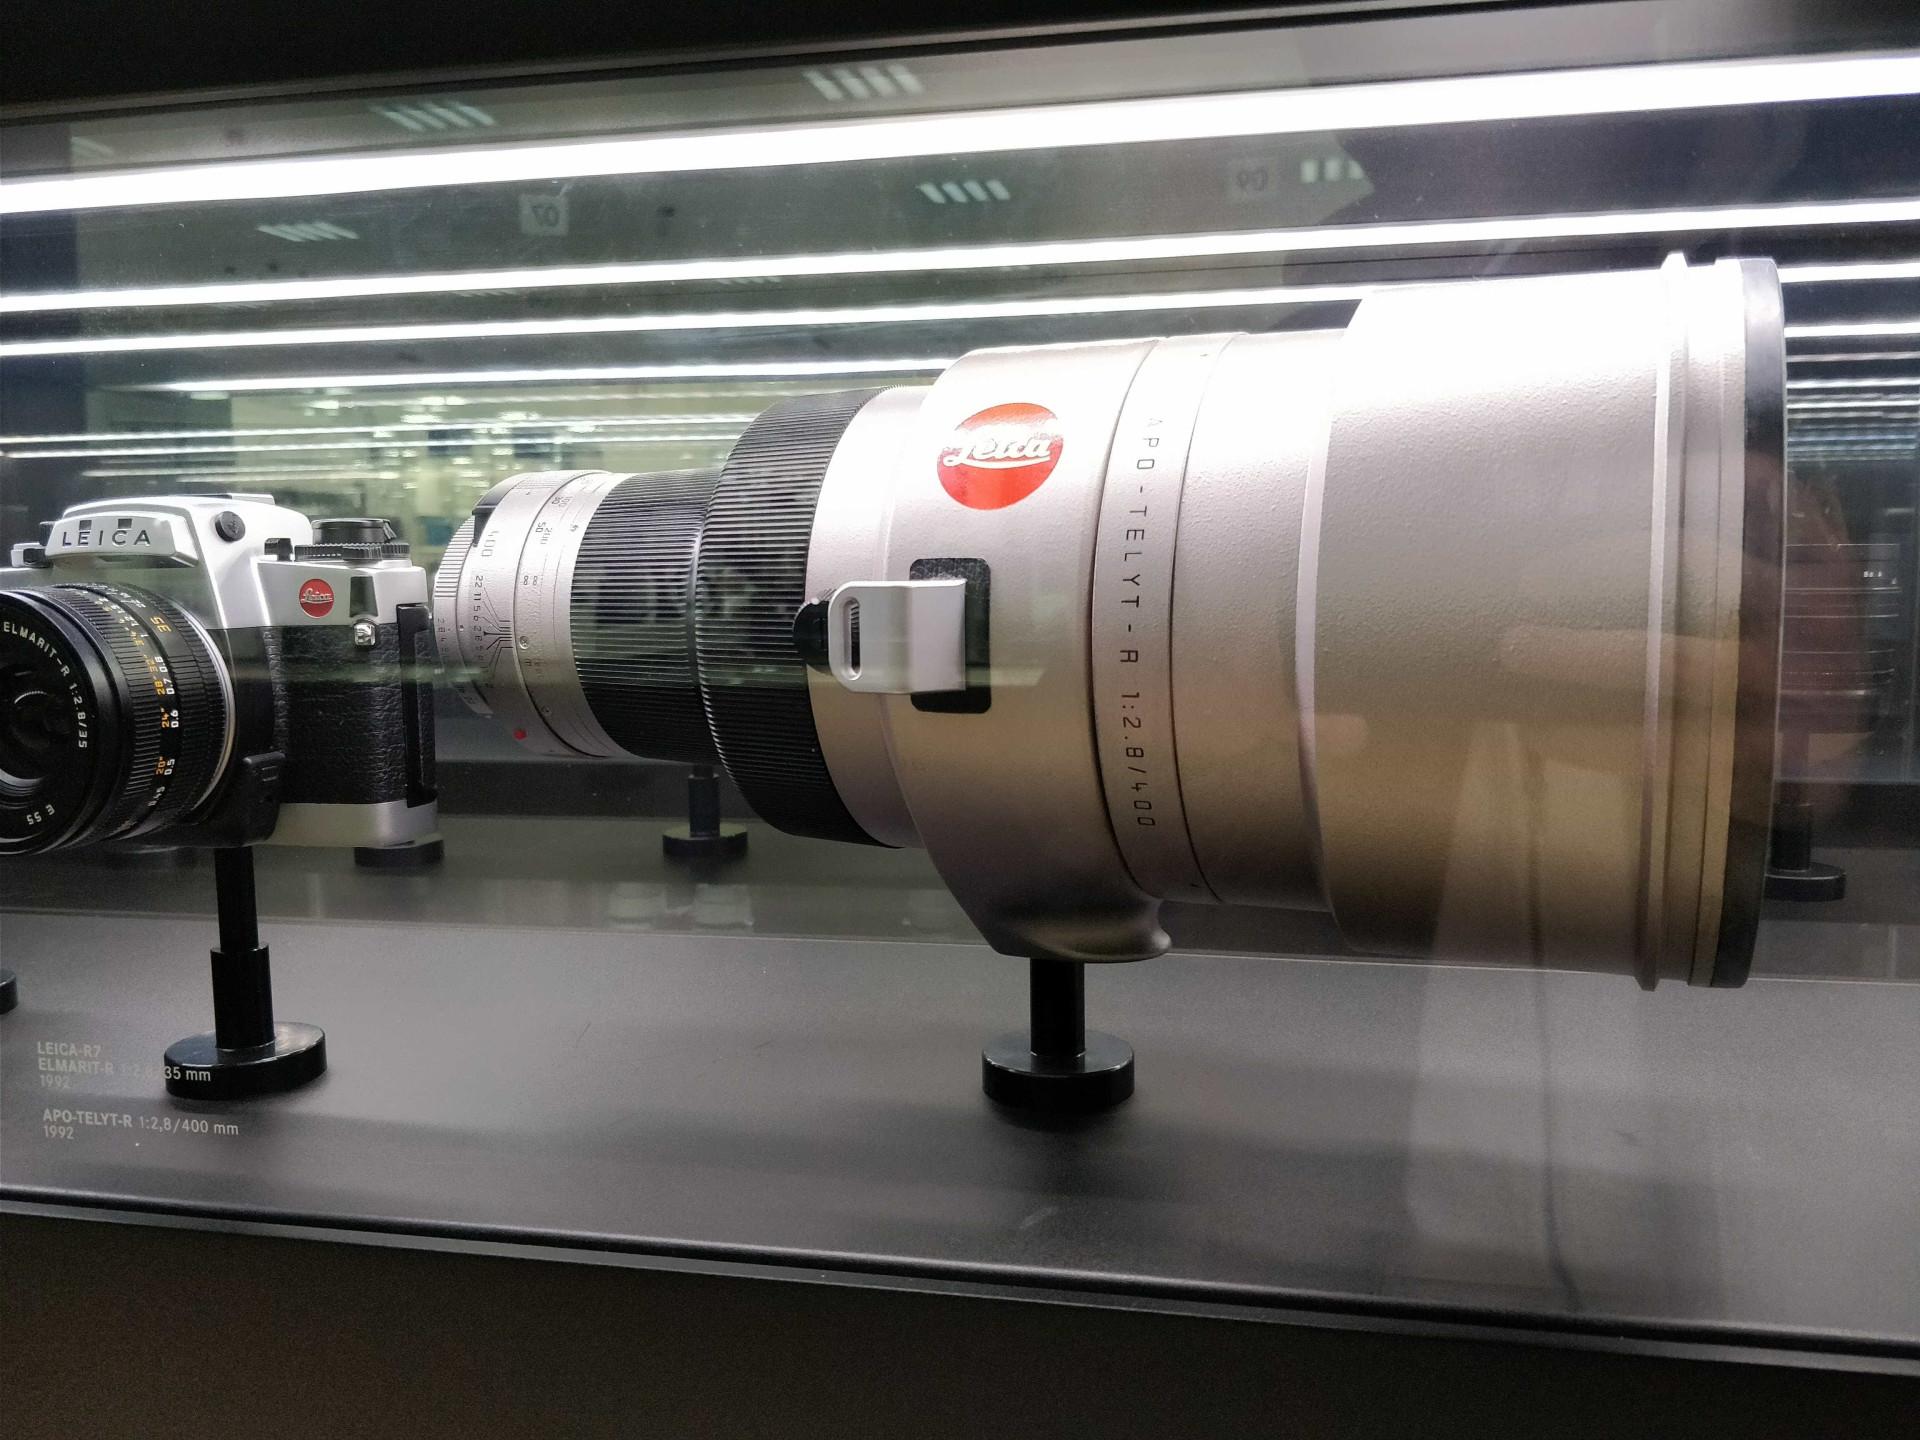 Visitámos a sede da Leica na Alemanha. Veja as imagens